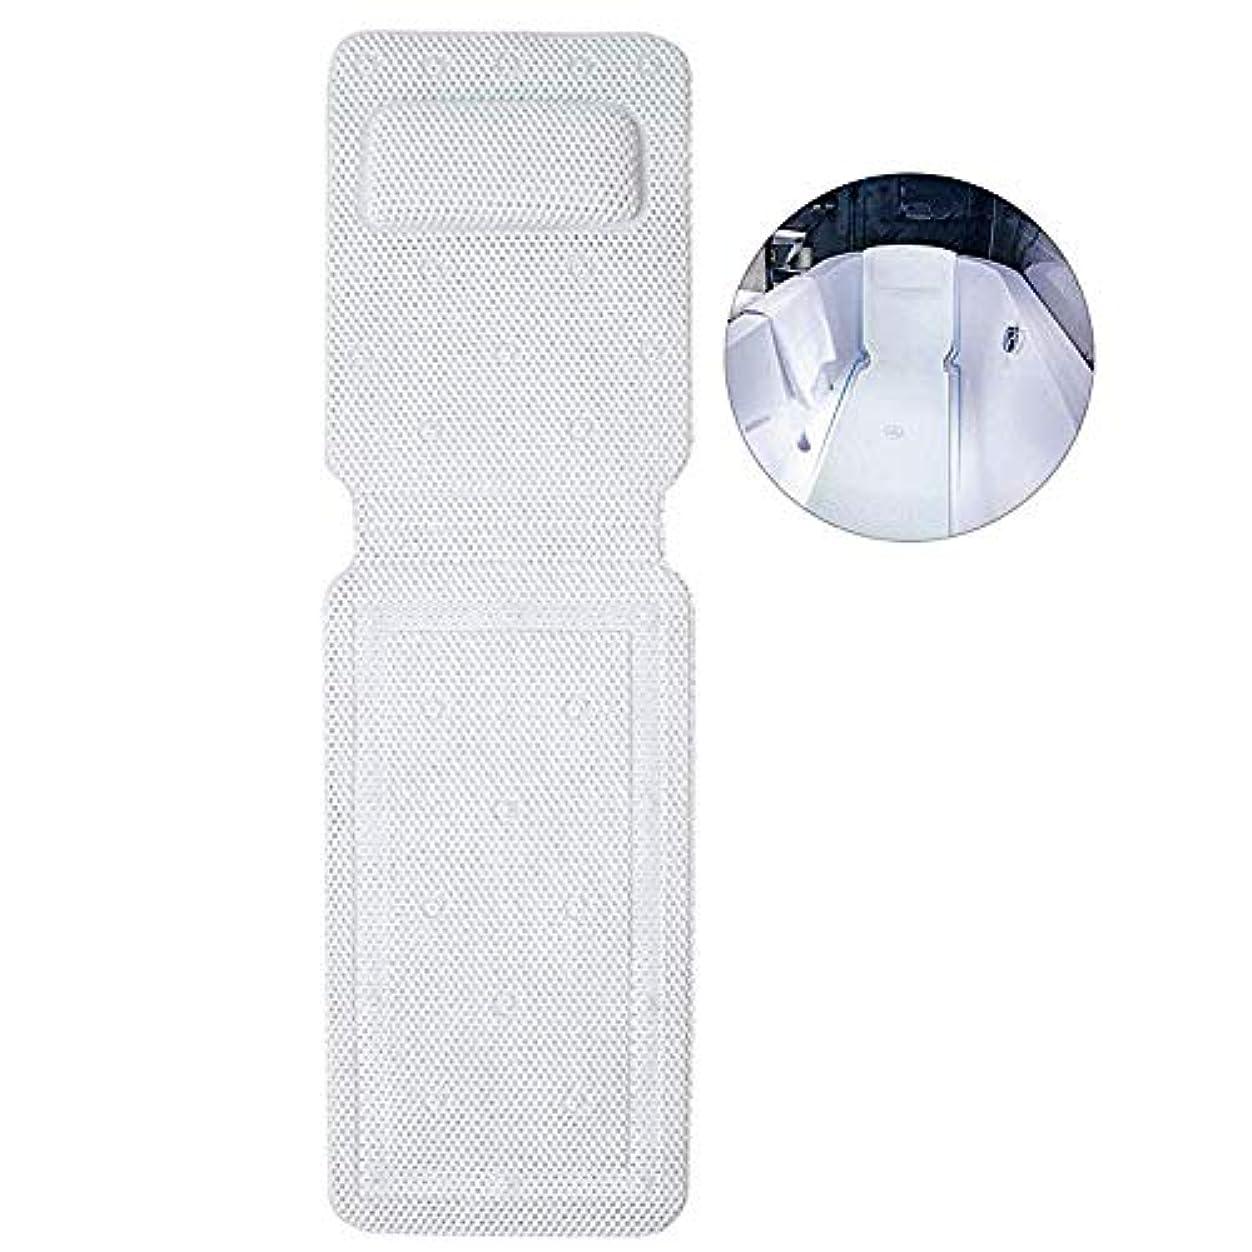 ループ原因びっくりするフルボディバスピローマット中空ポリ塩化ビニールフォームスパバスマット付きコンフォートヘッドレストと大型ノンスリップサクションカップ